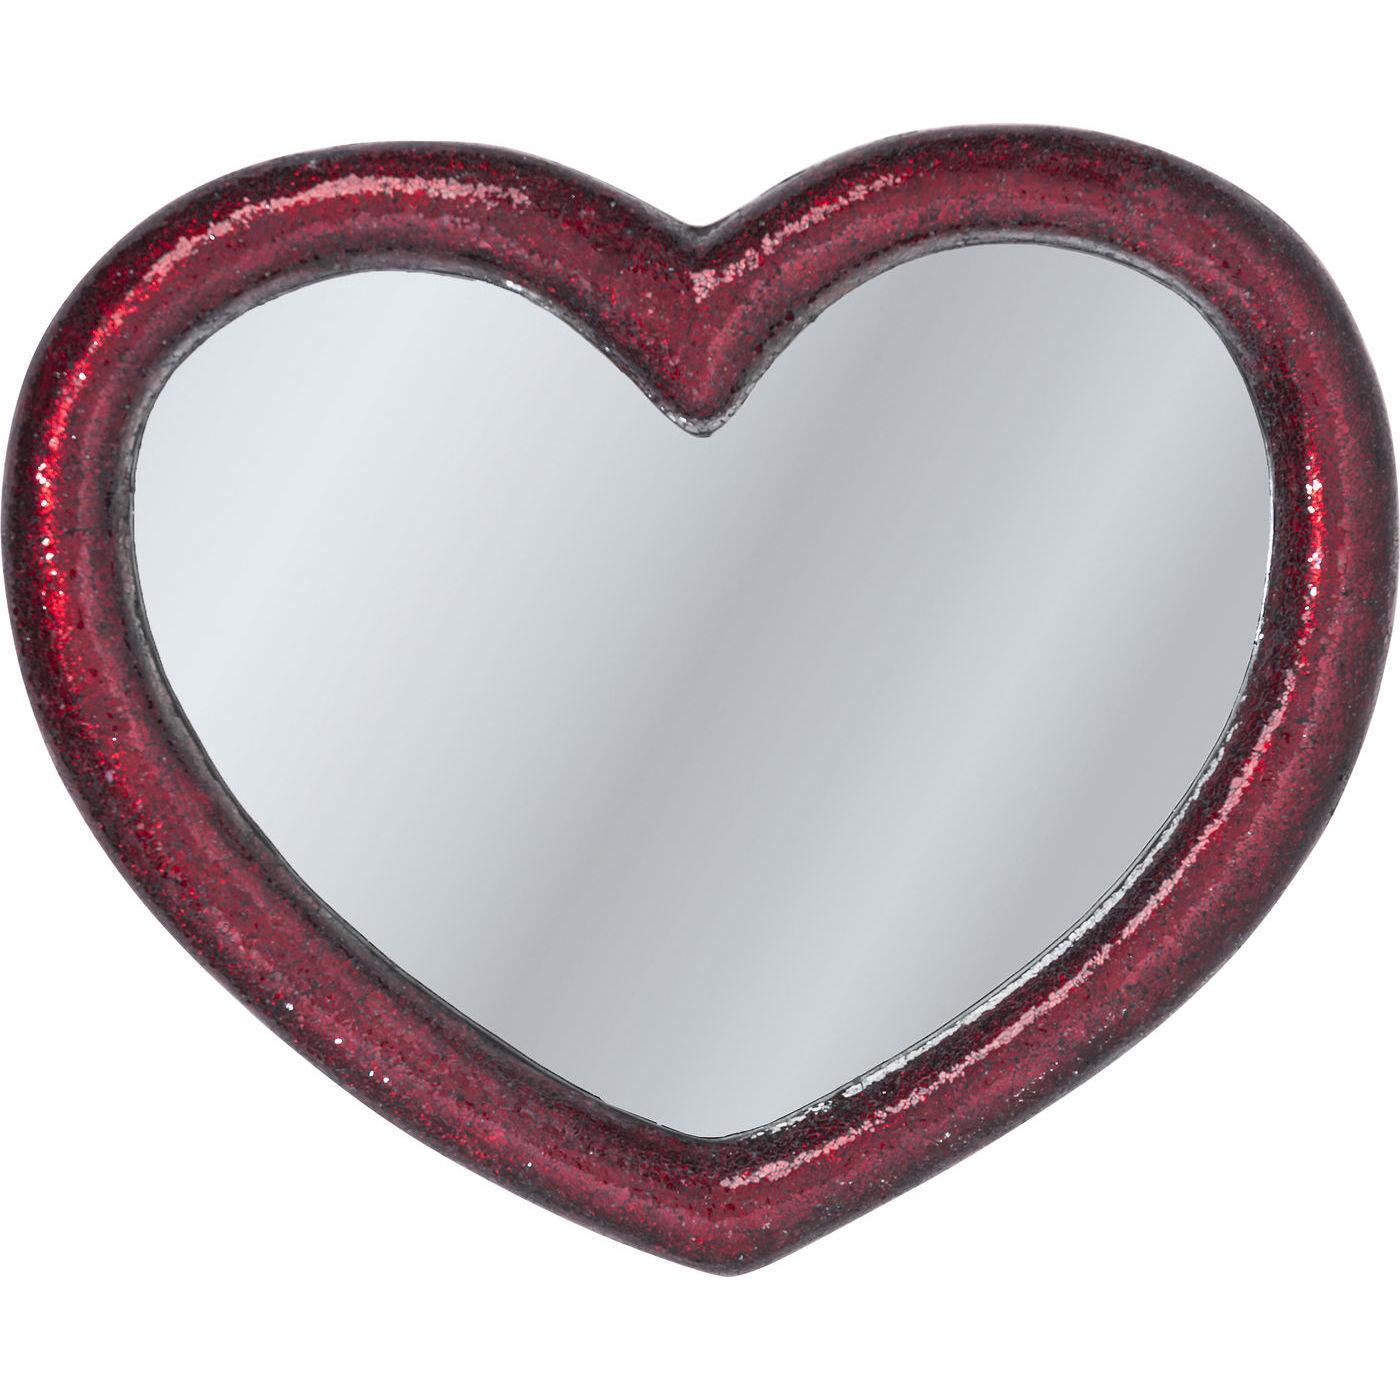 KARE DESIGN Spejl, Mosaik Heart 100x123cm